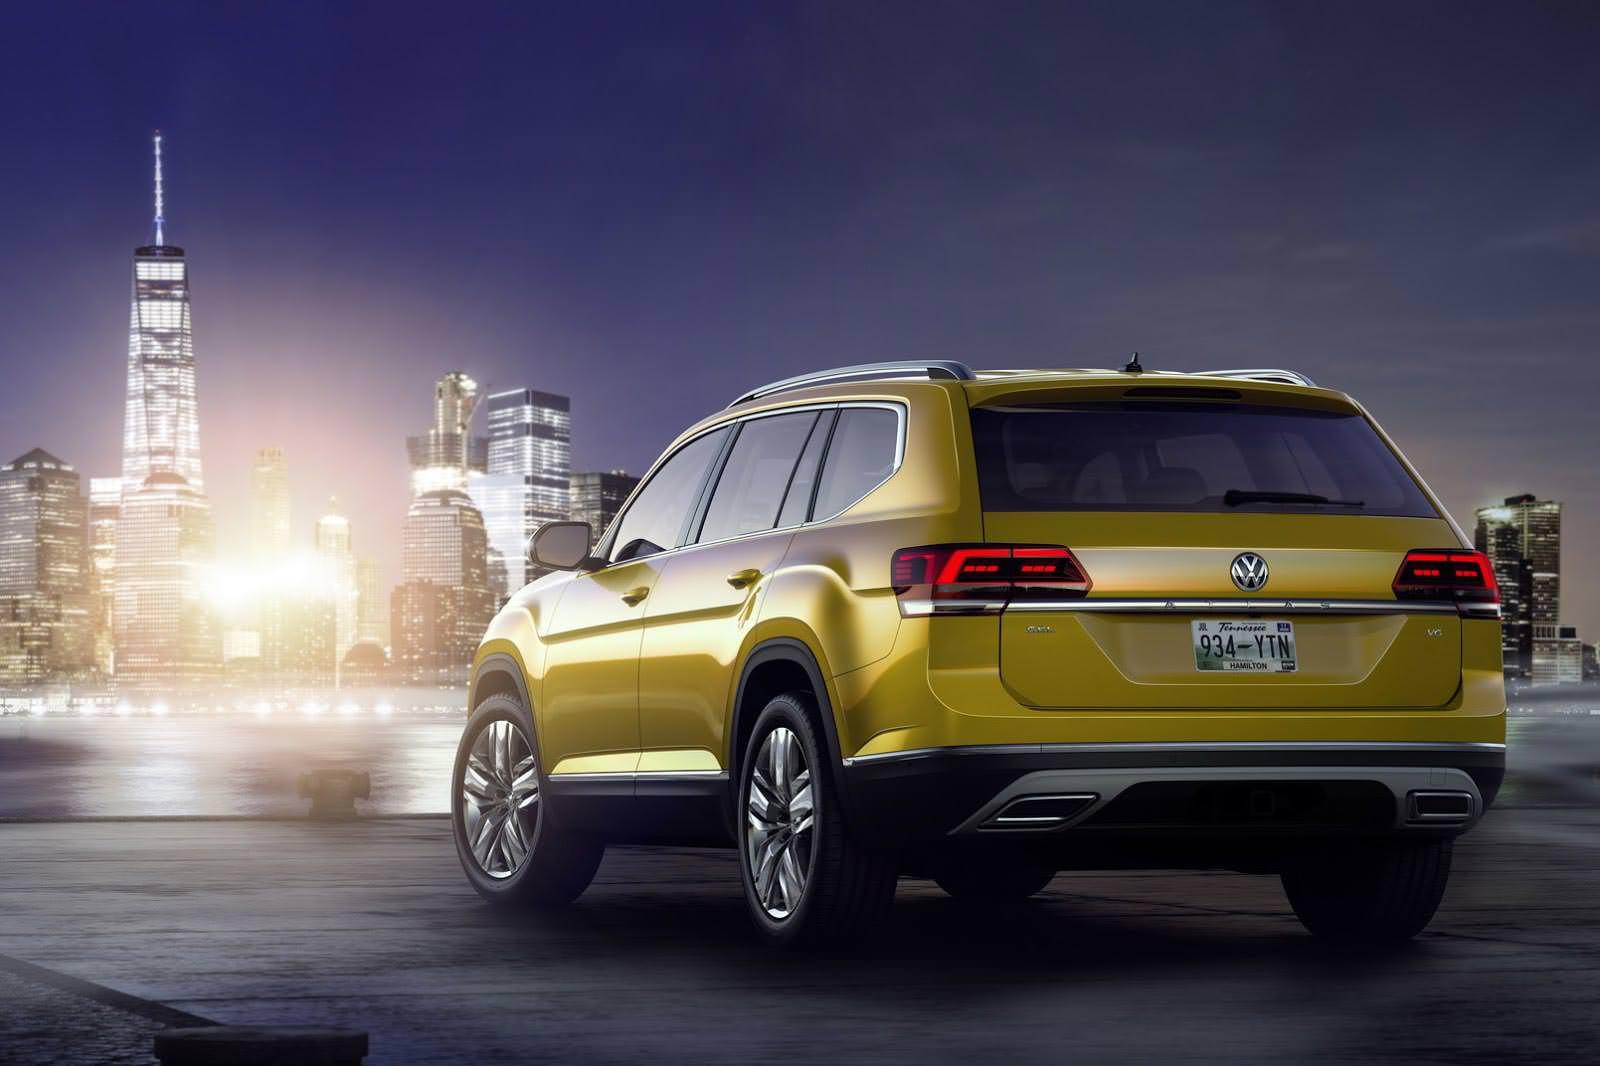 Семиместный кроссовер Volkswagen Atlas в Нью-Йорке